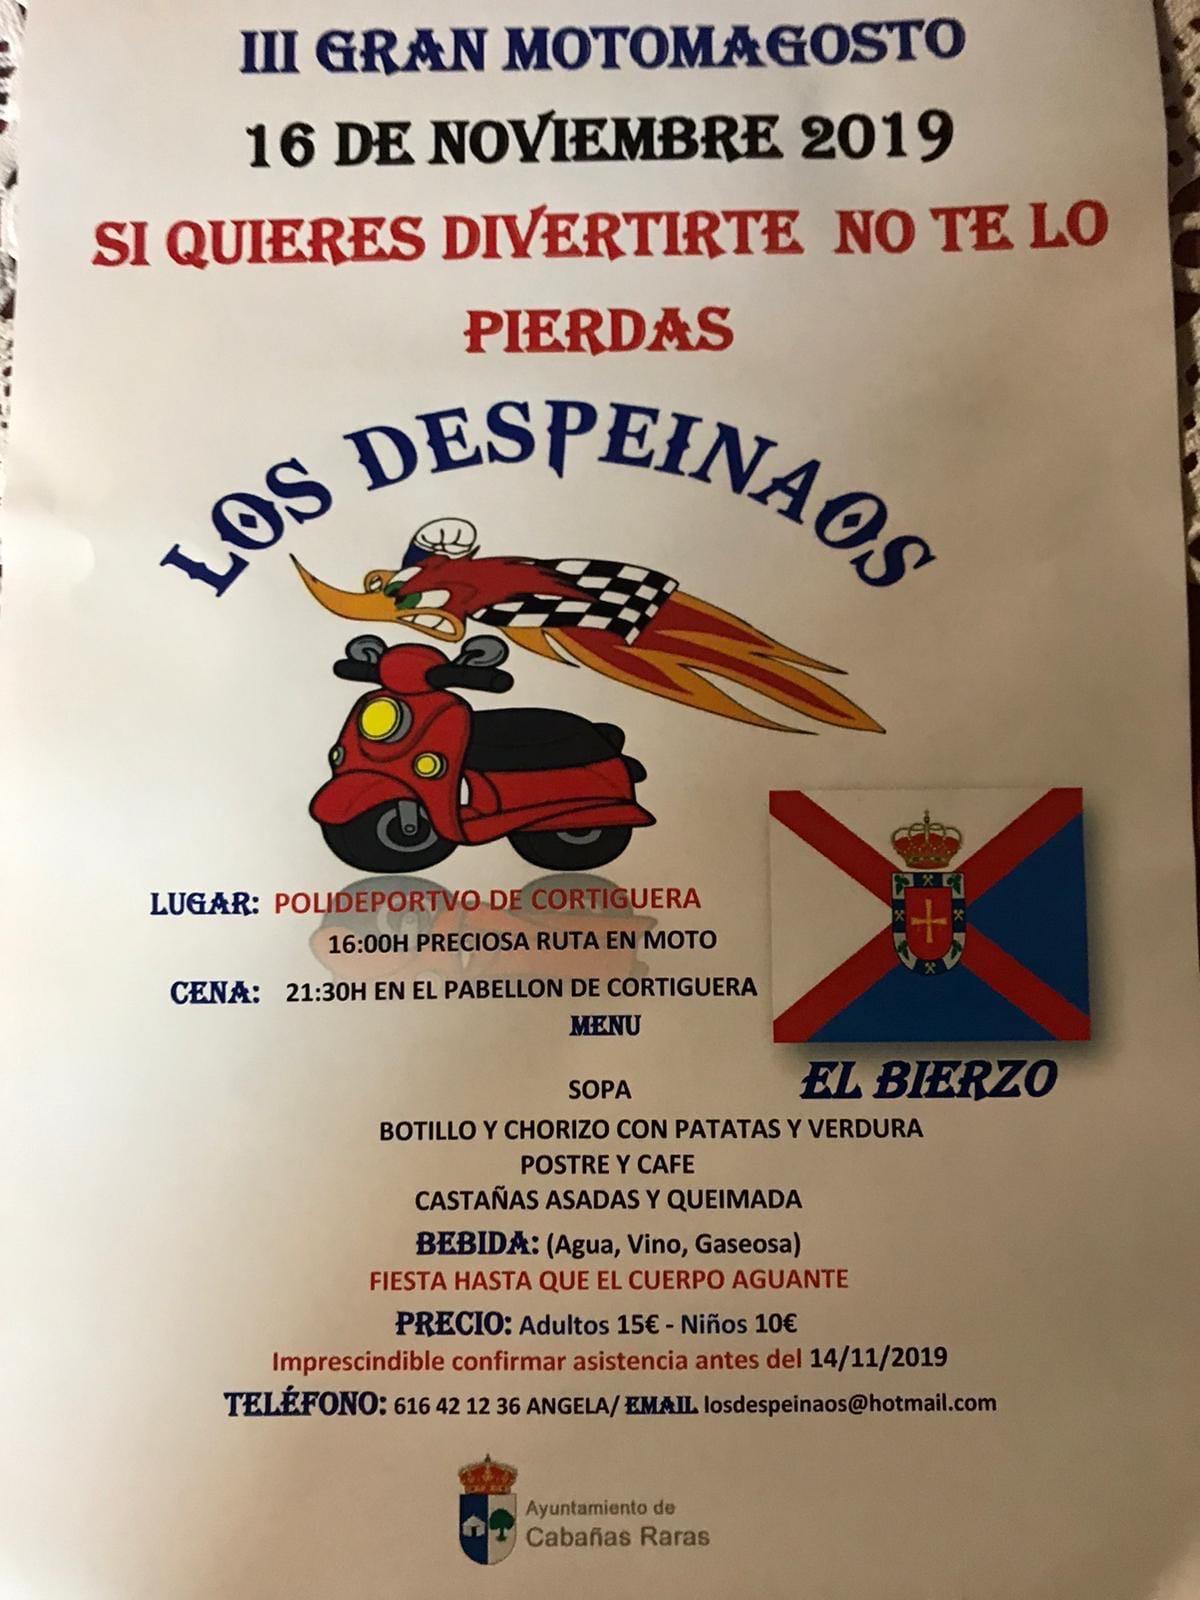 II Gran Magosto organizado por 'Los Despeinaos' 2